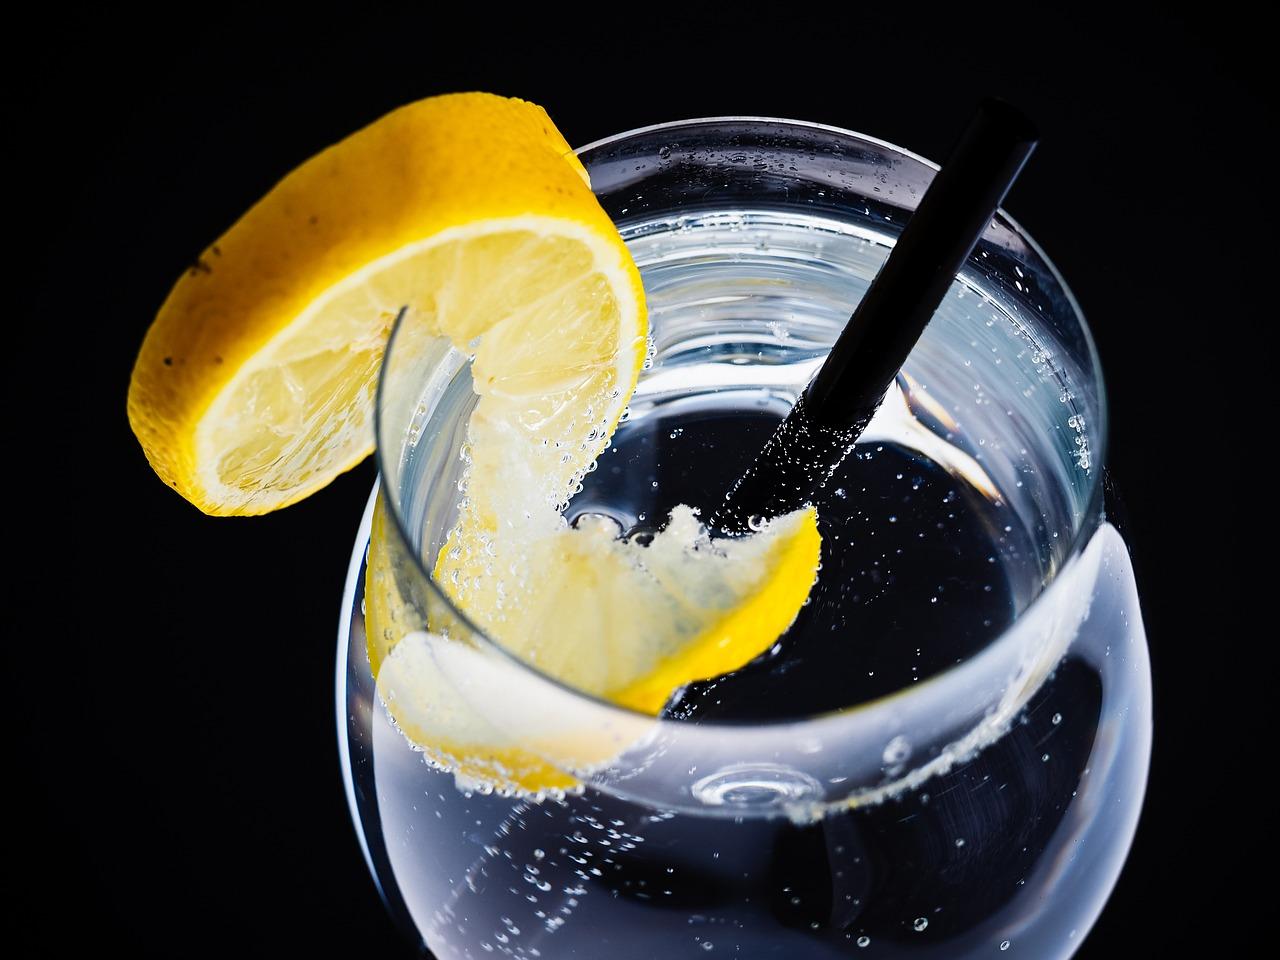 Pitný režim 3. díl – Co pít, co nepít